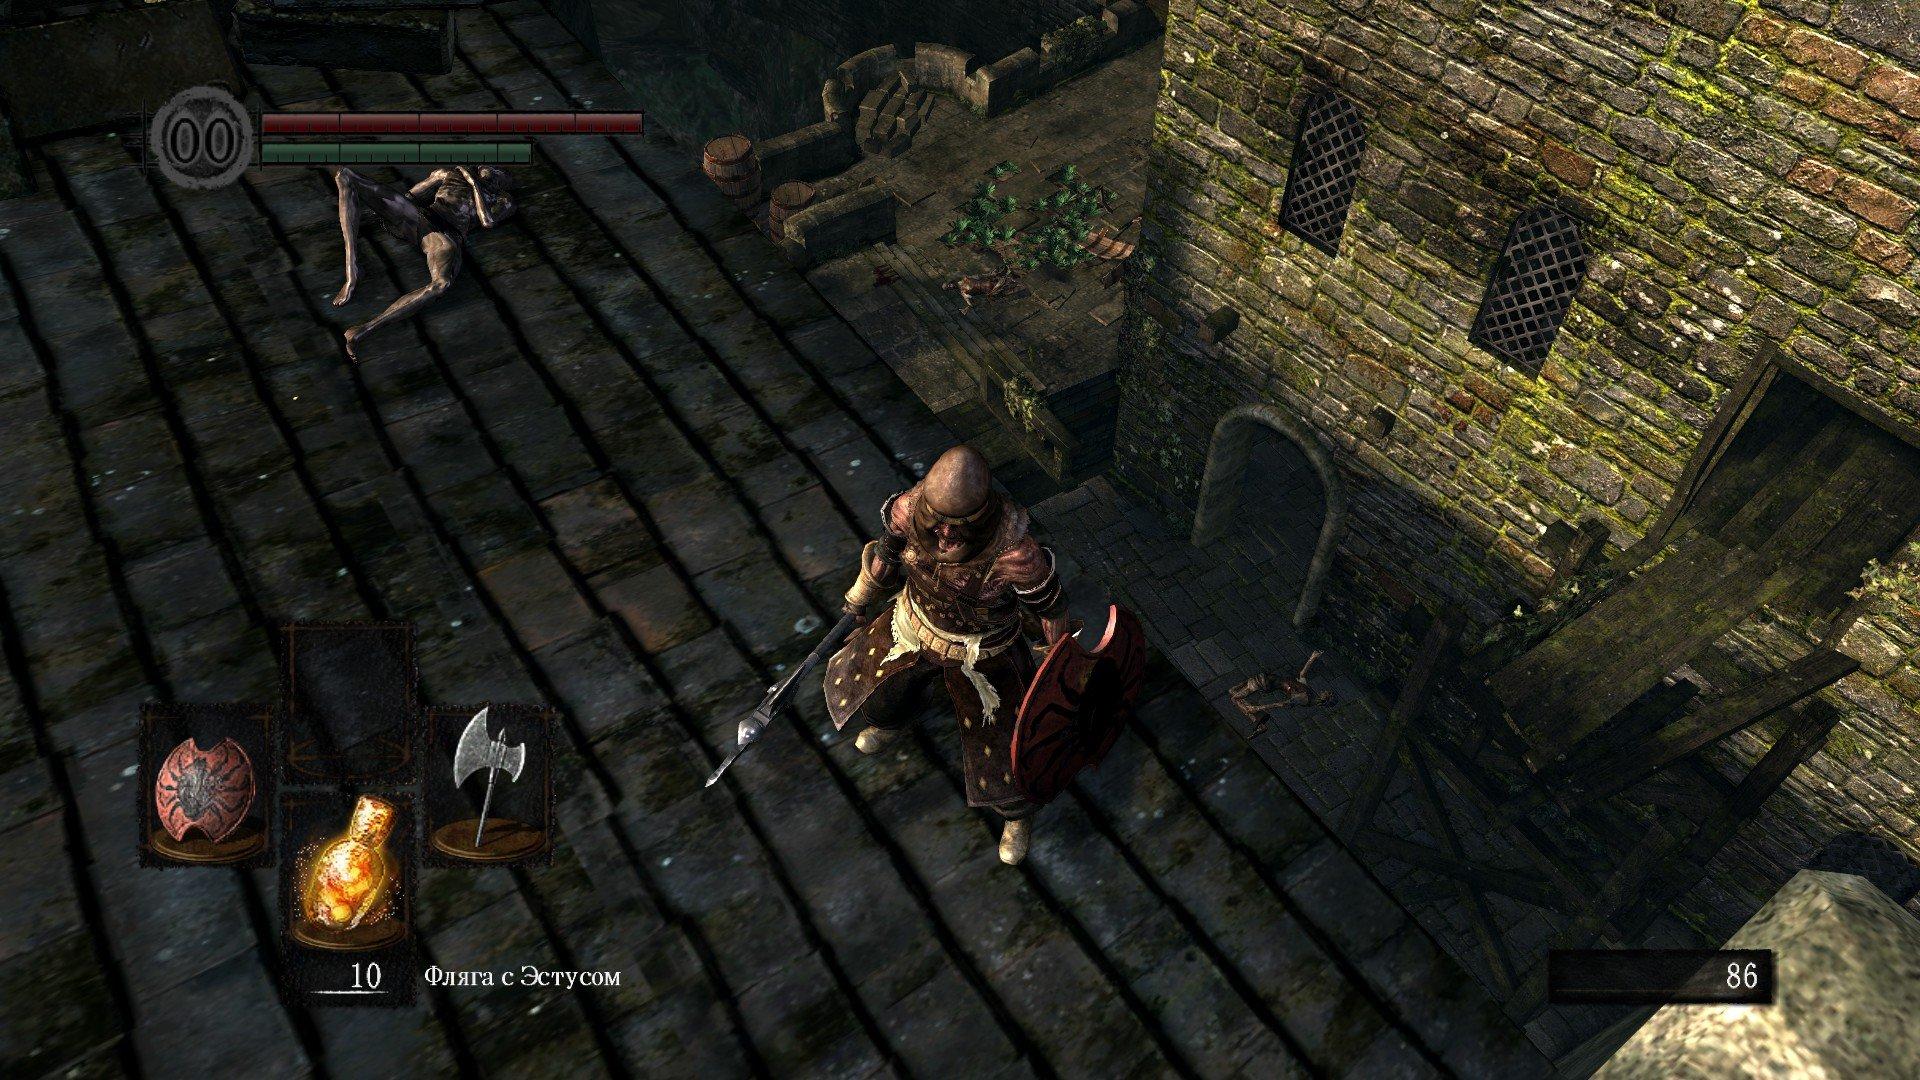 Вопль-прохождение Dark Souls часть 1 (ЗАПИСЬ) ... еще не решил, как это называть! - Изображение 7